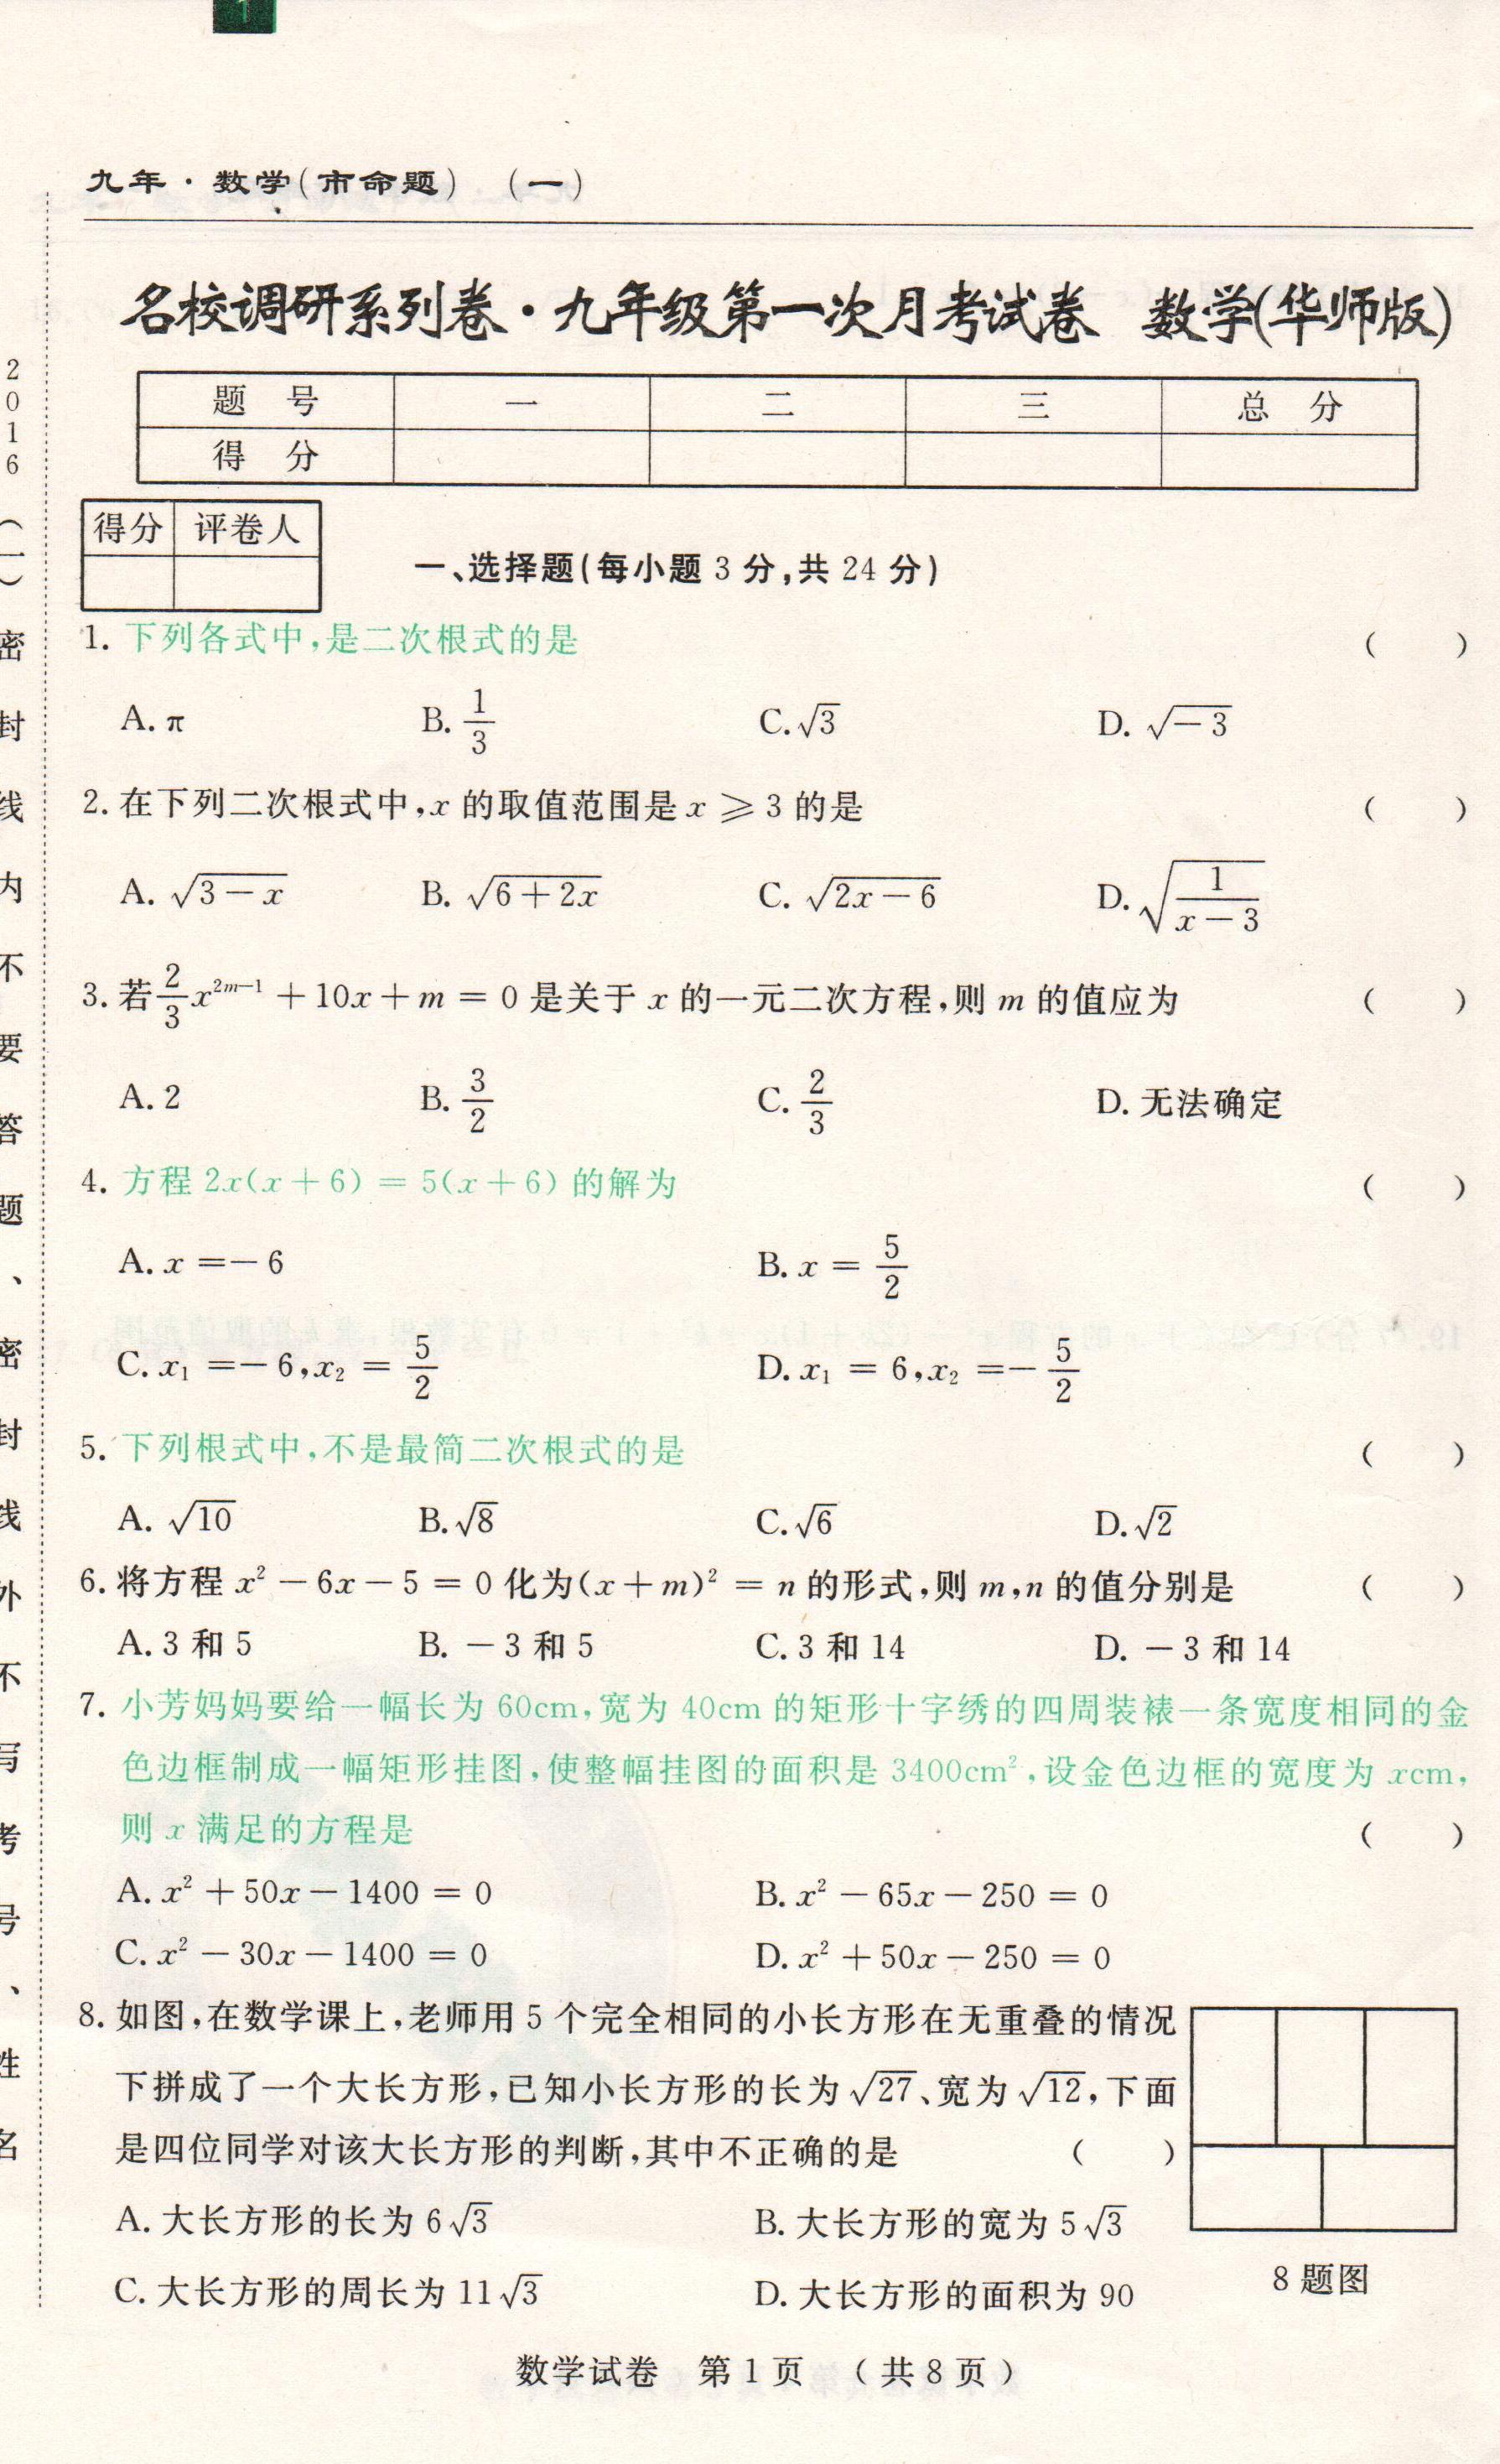 2016长春名校调研九年级第一次月考数学试题